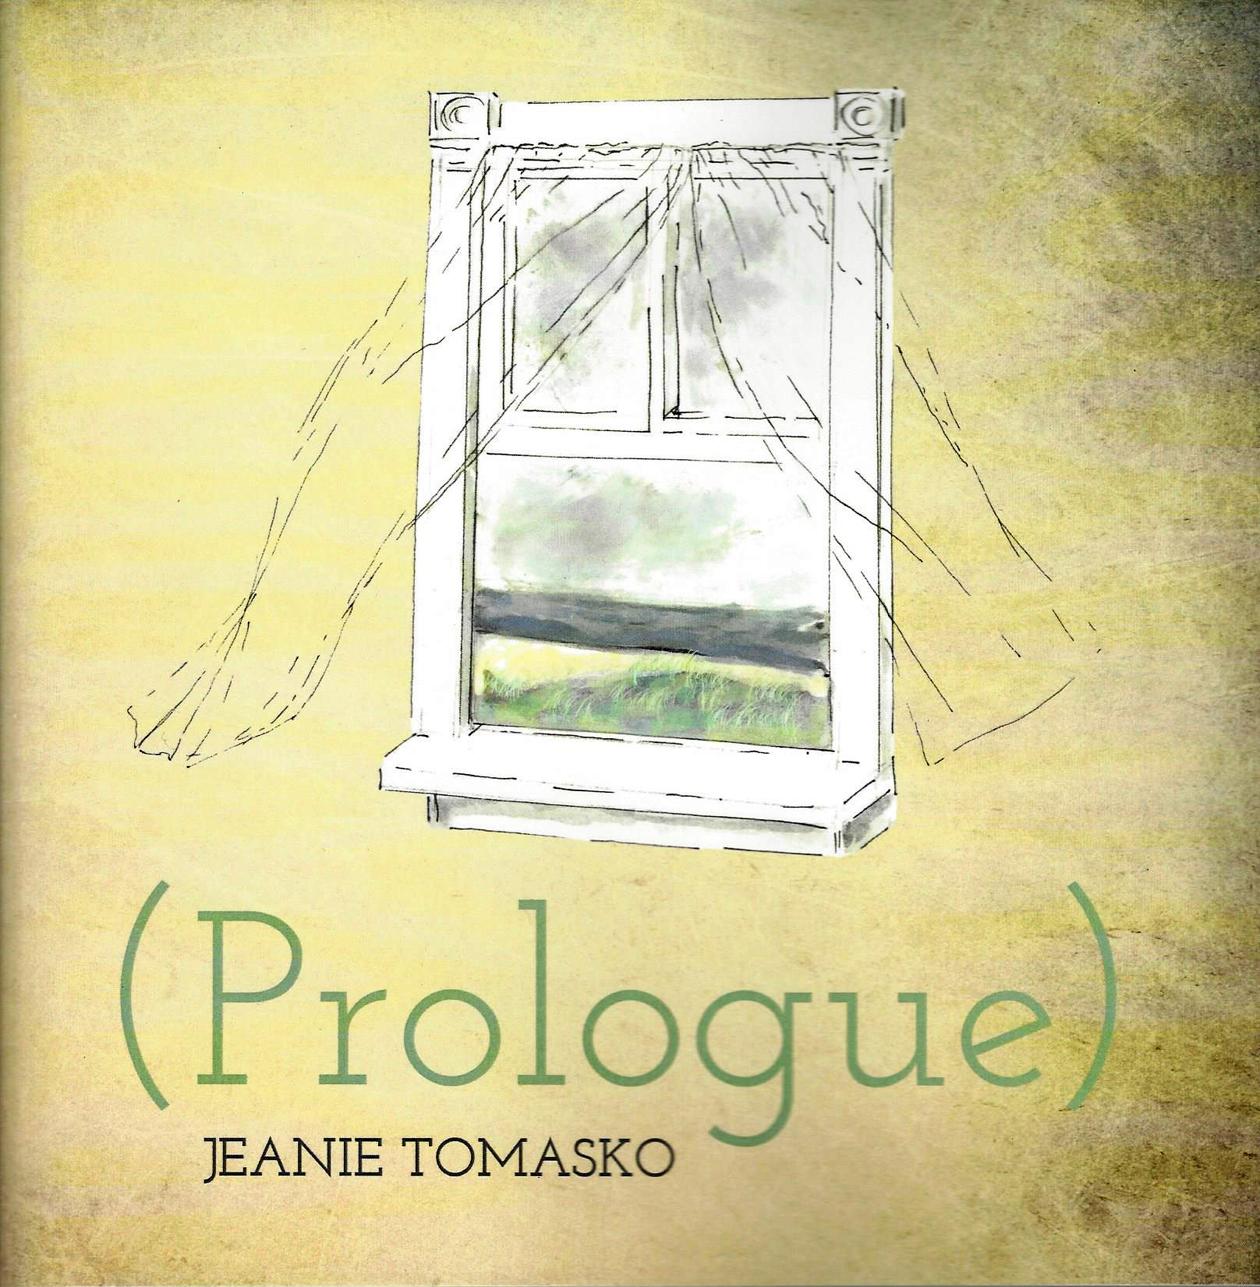 prologueFront.jpg